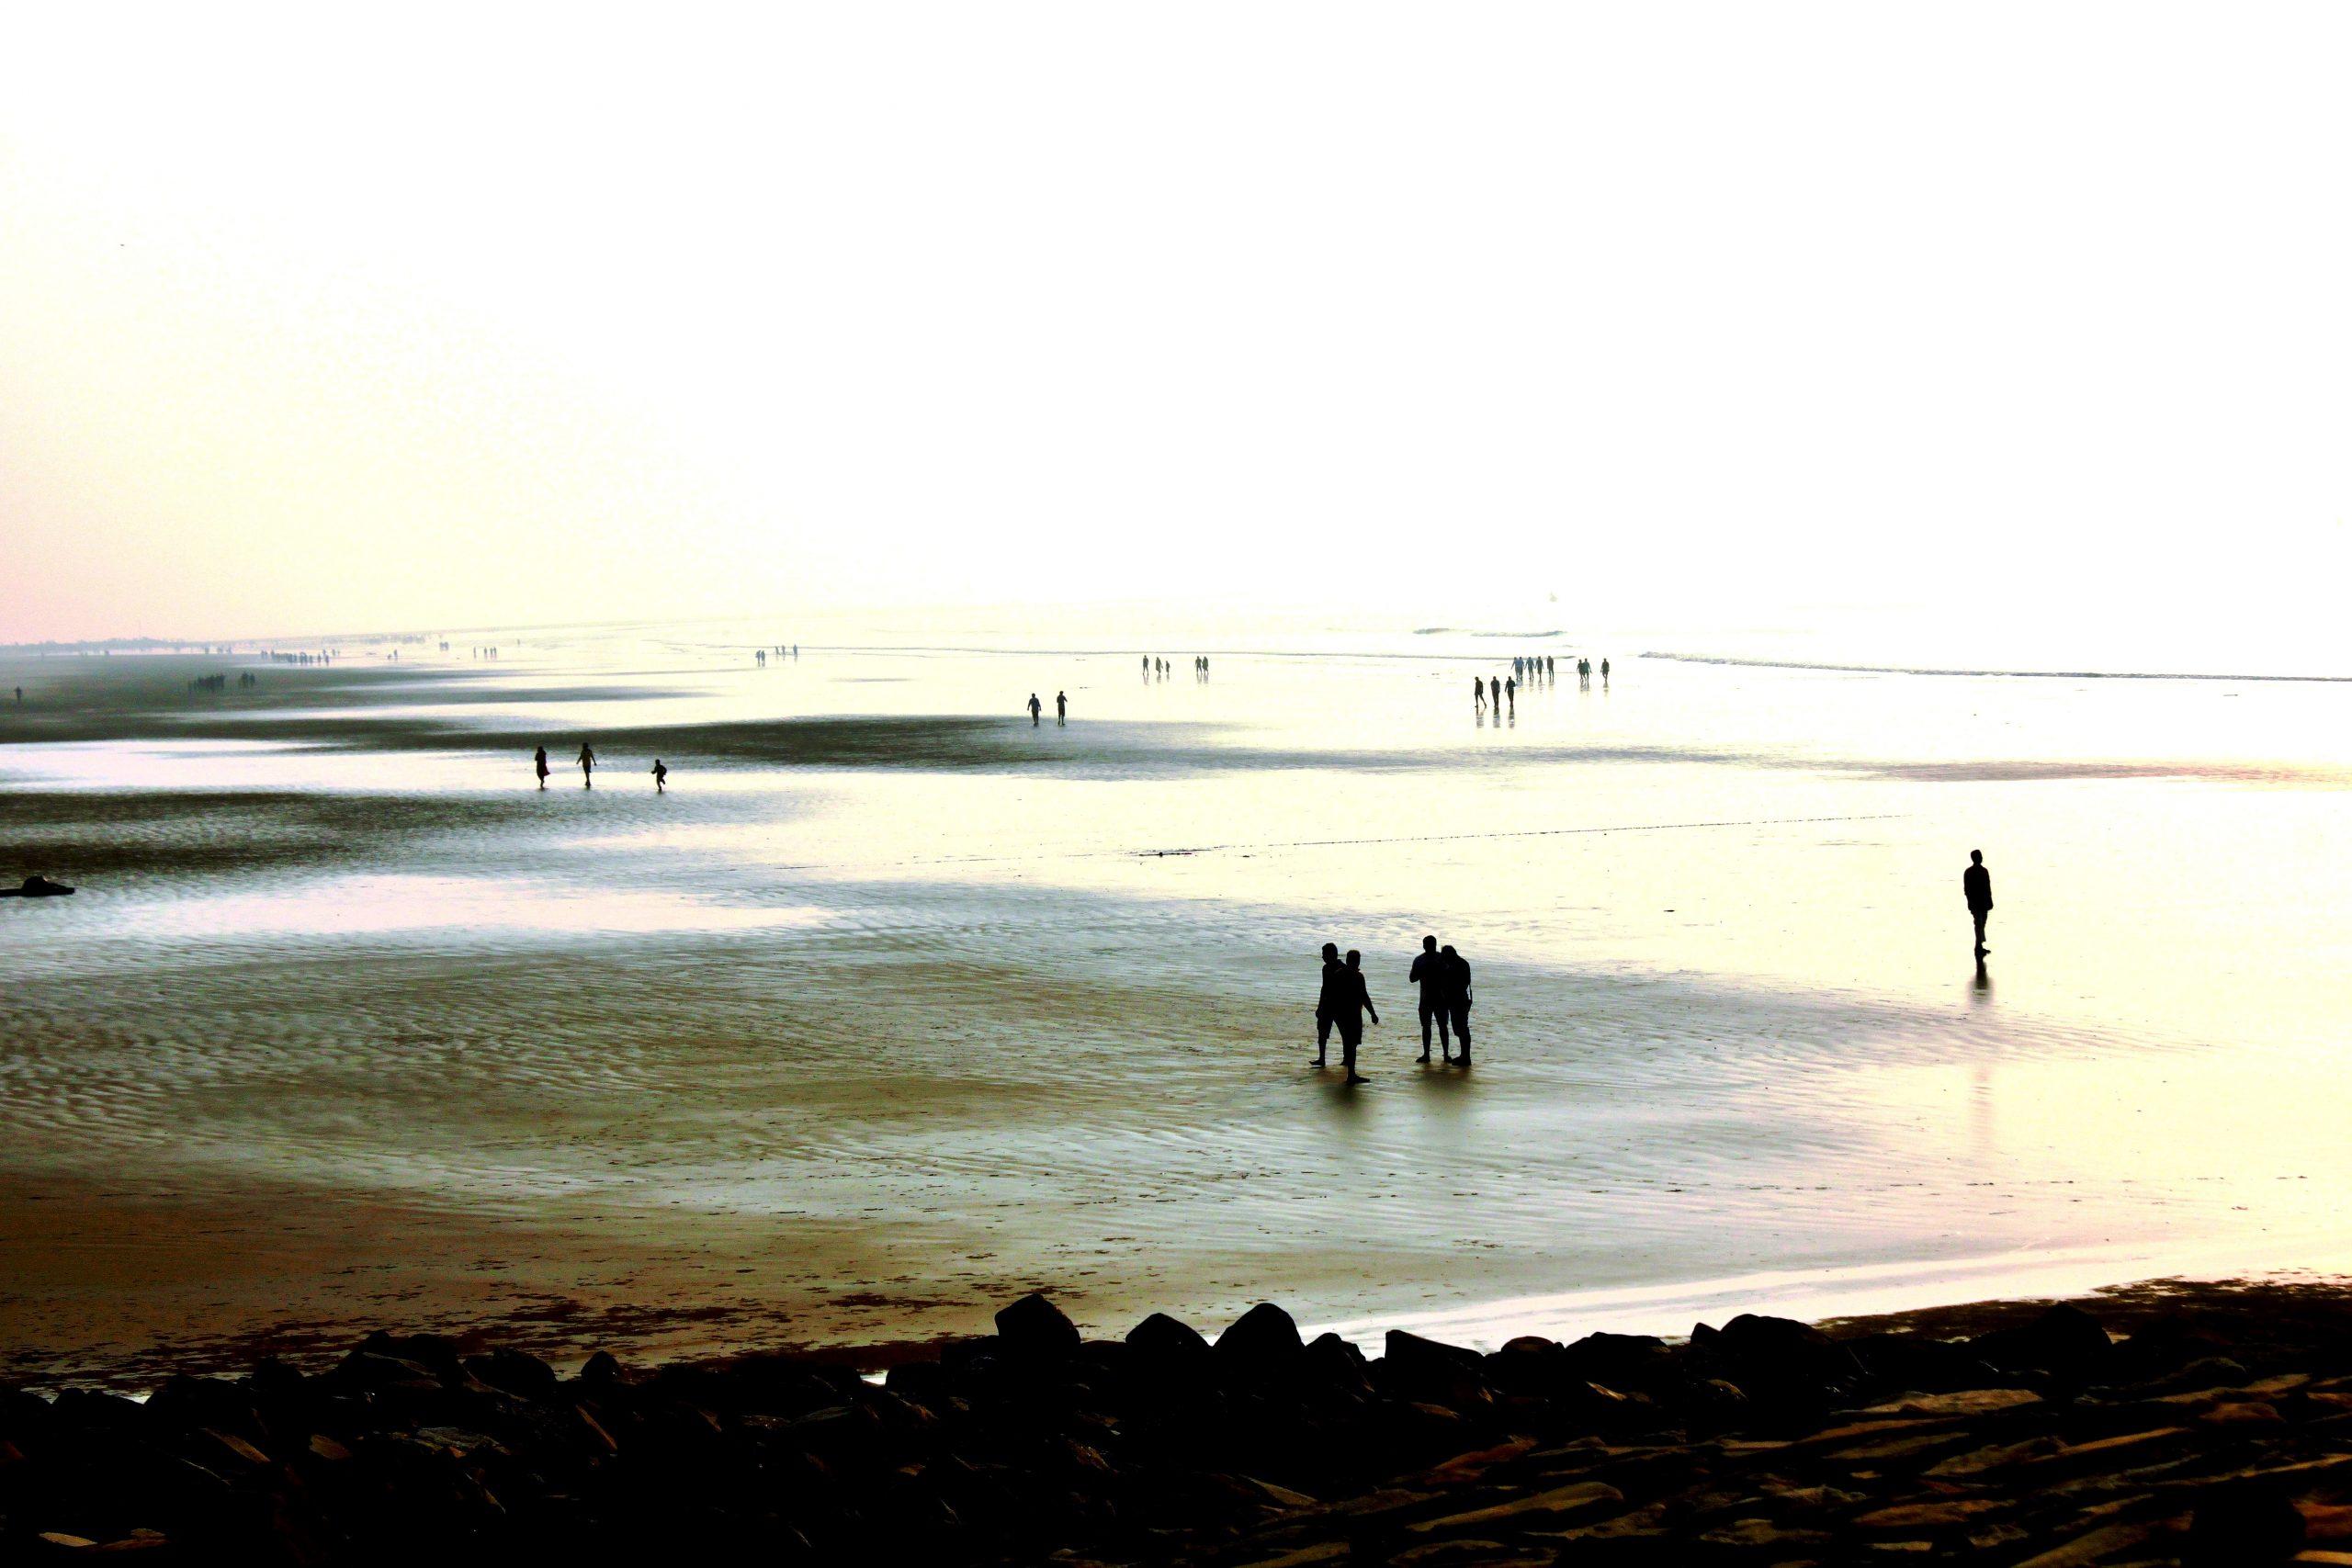 People walking beach side